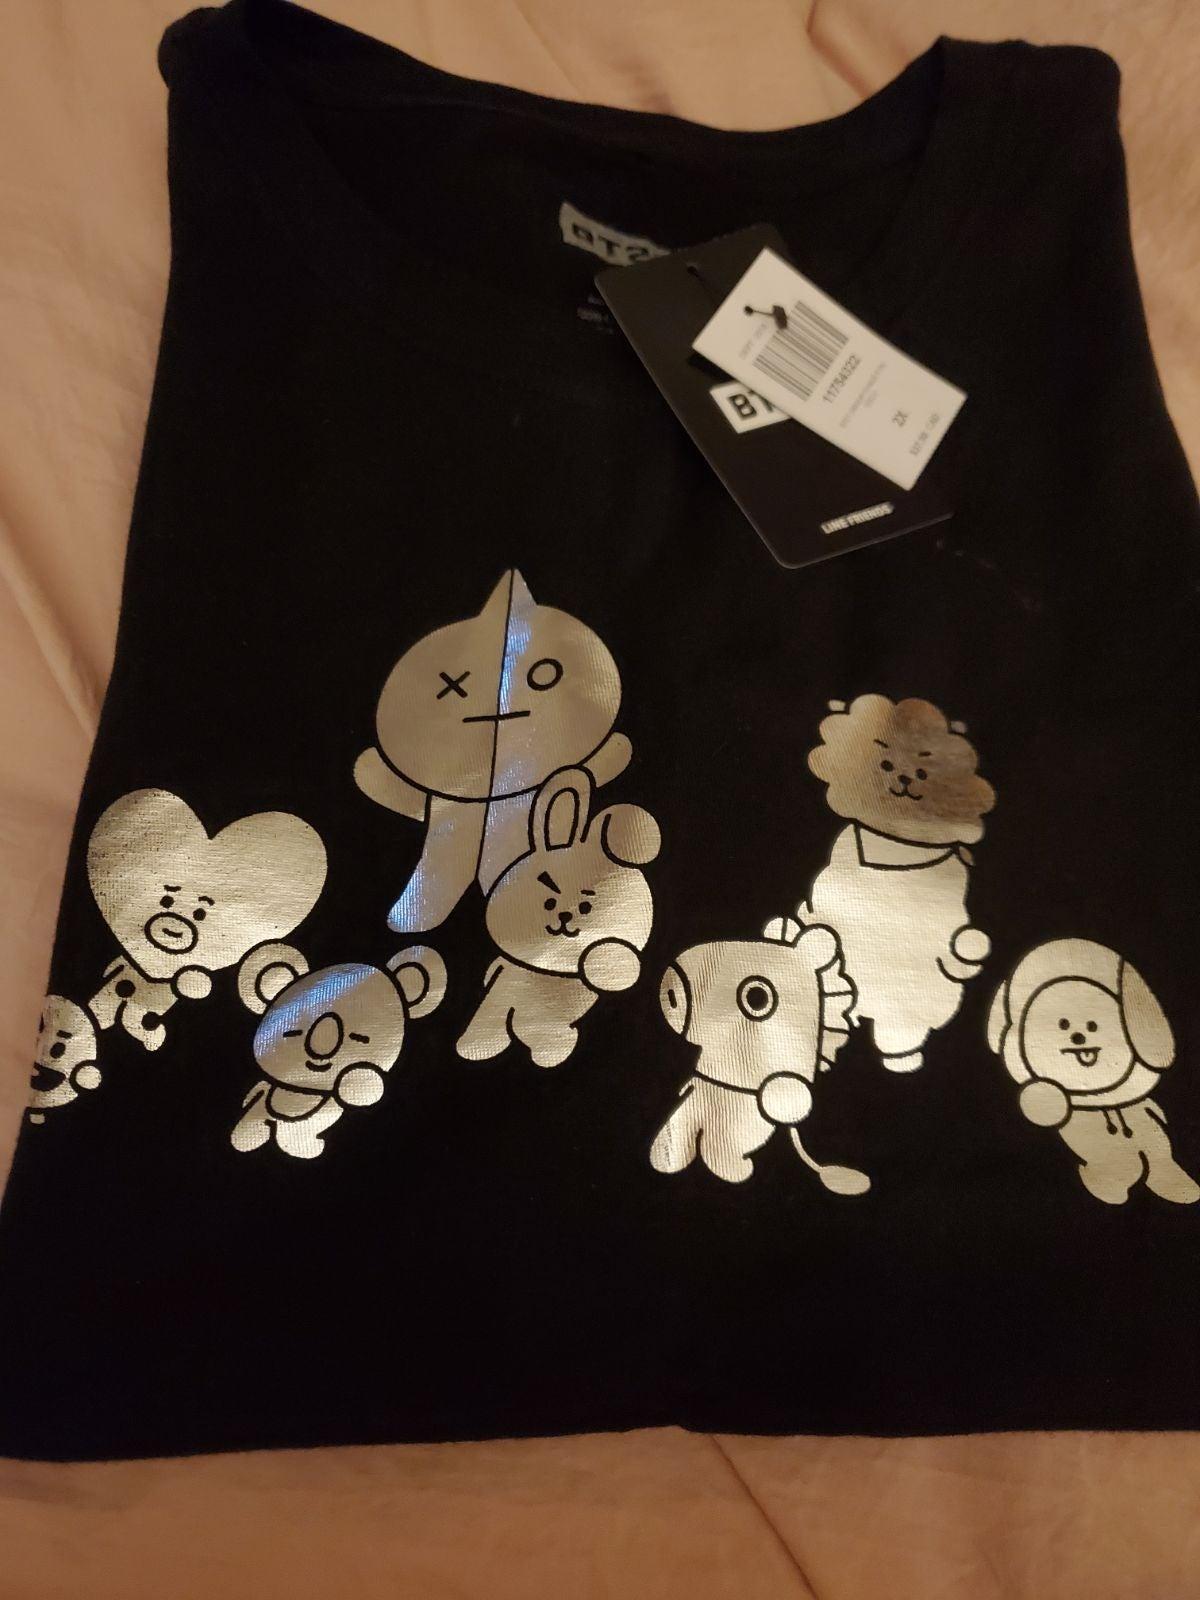 Bt21 Shirt